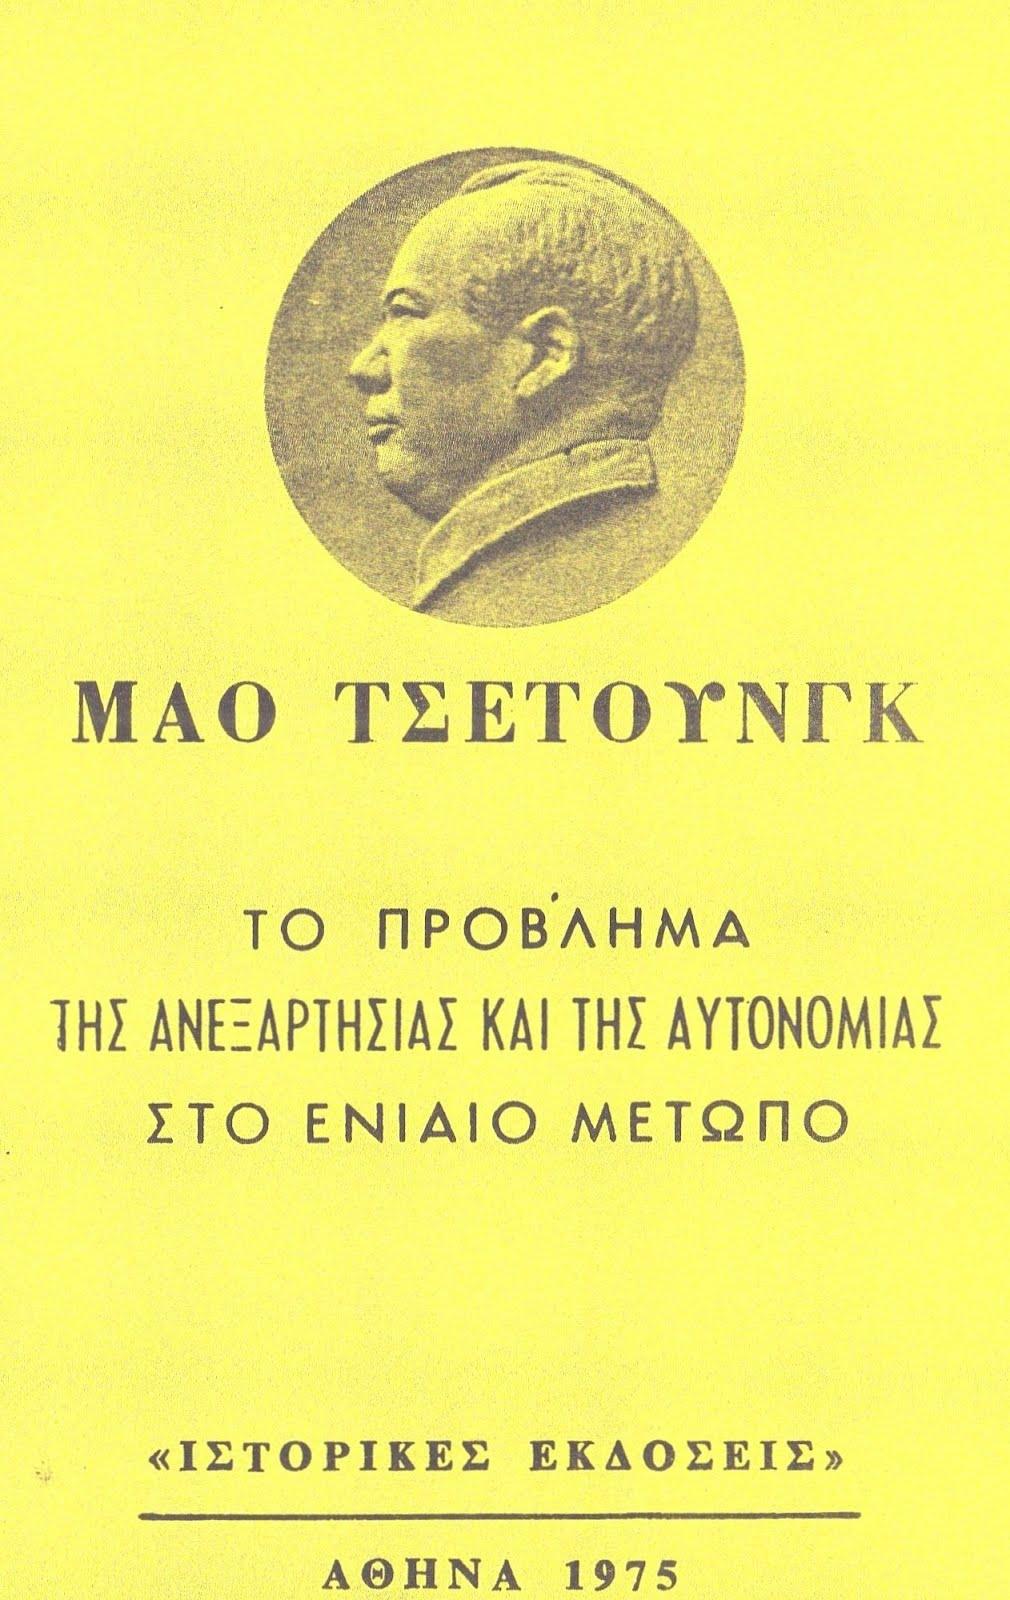 ΜΑΟ ΤΣΕ ΤΟΥΝΓΚ - ΤΟ ΠΡΟΒΛΗΜΑ ΤΗΣ ΑΝΕΞΑΡΤΗΣΙΑΣ ΚΑΙ ΤΗΣ ΑΥΤΟΝΟΜΙΑΣ ΣΤΟ ΕΝΙΑΙΟ ΜΕΤΩΠΟ (1947)